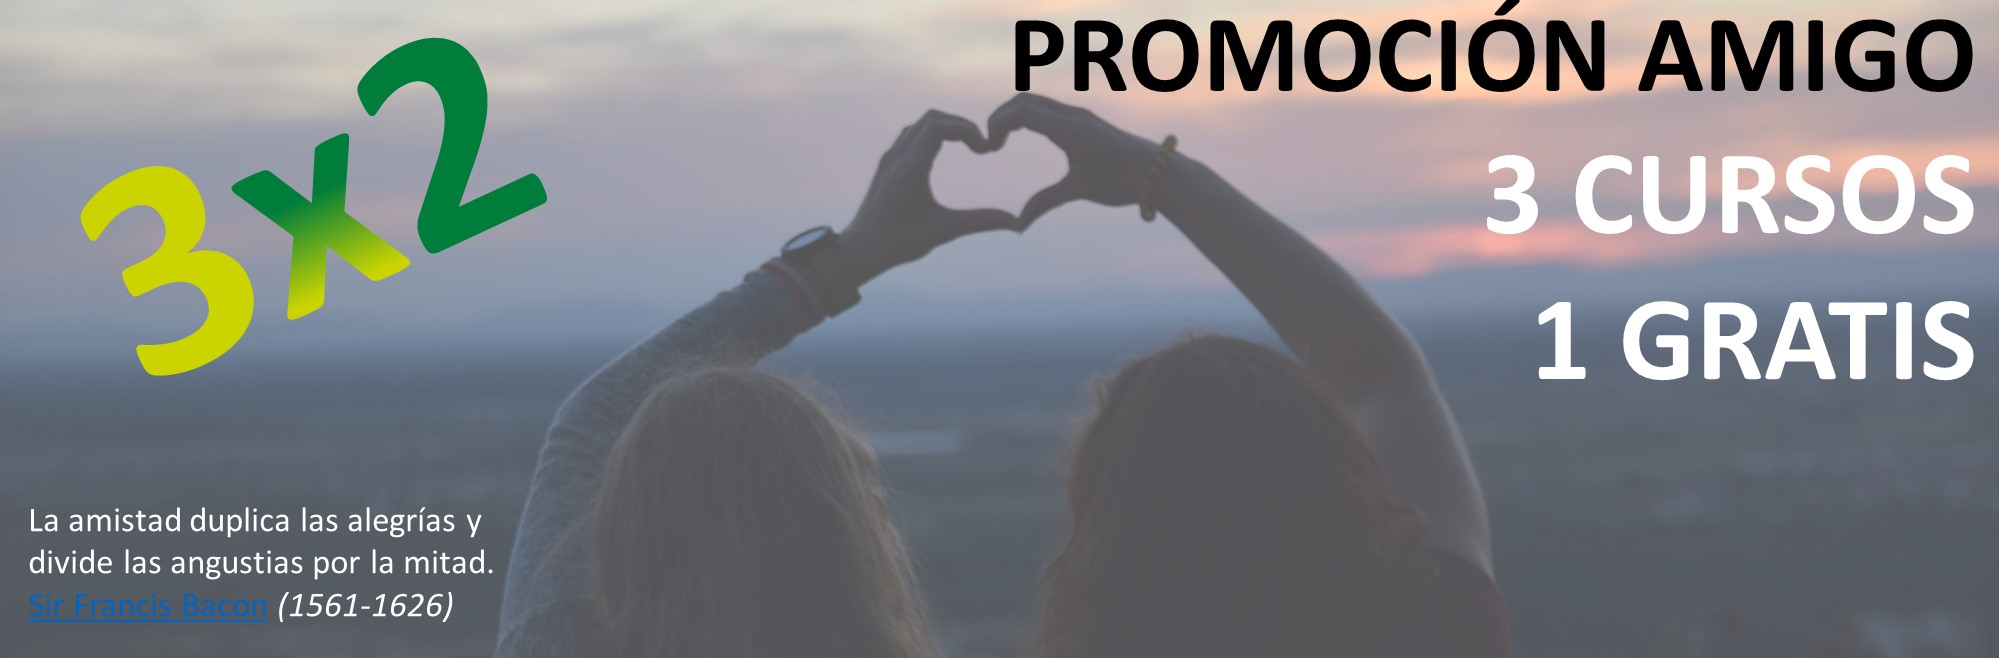 promocion-amigo-2018